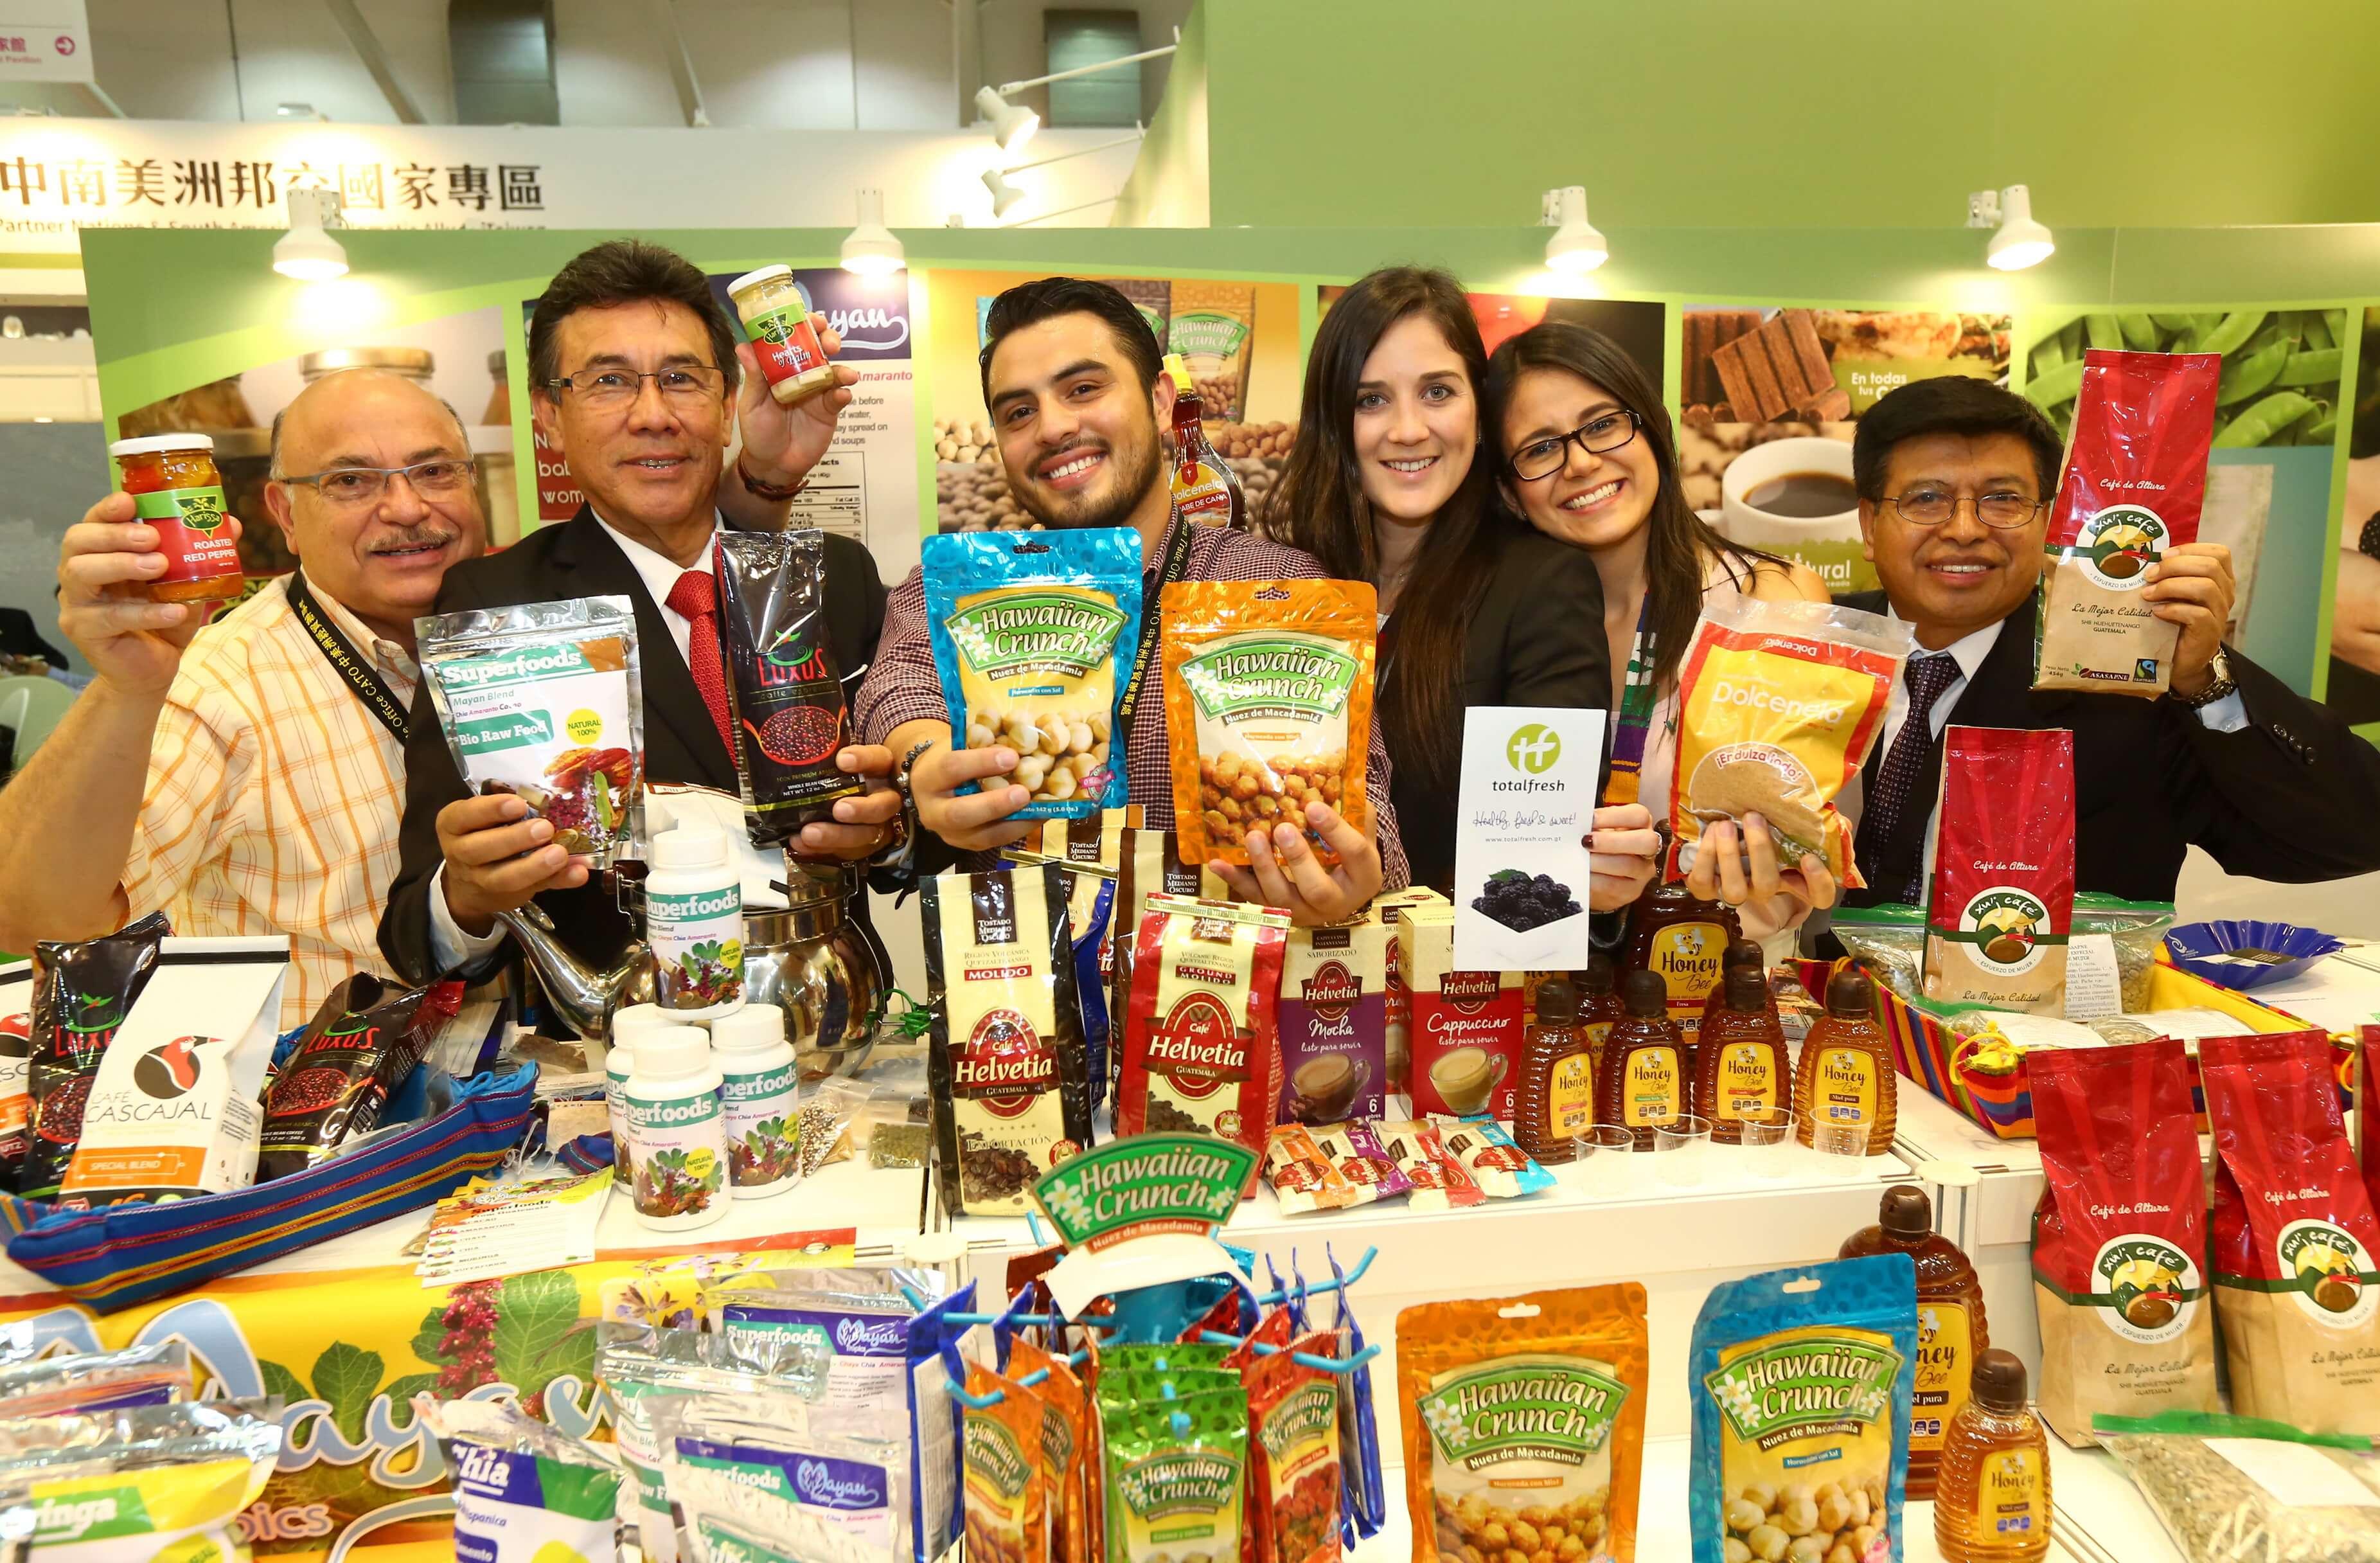 feria de alimentos taiwan 1 - Perú muestra productos novedosos en feria de alimentos de Taiwán